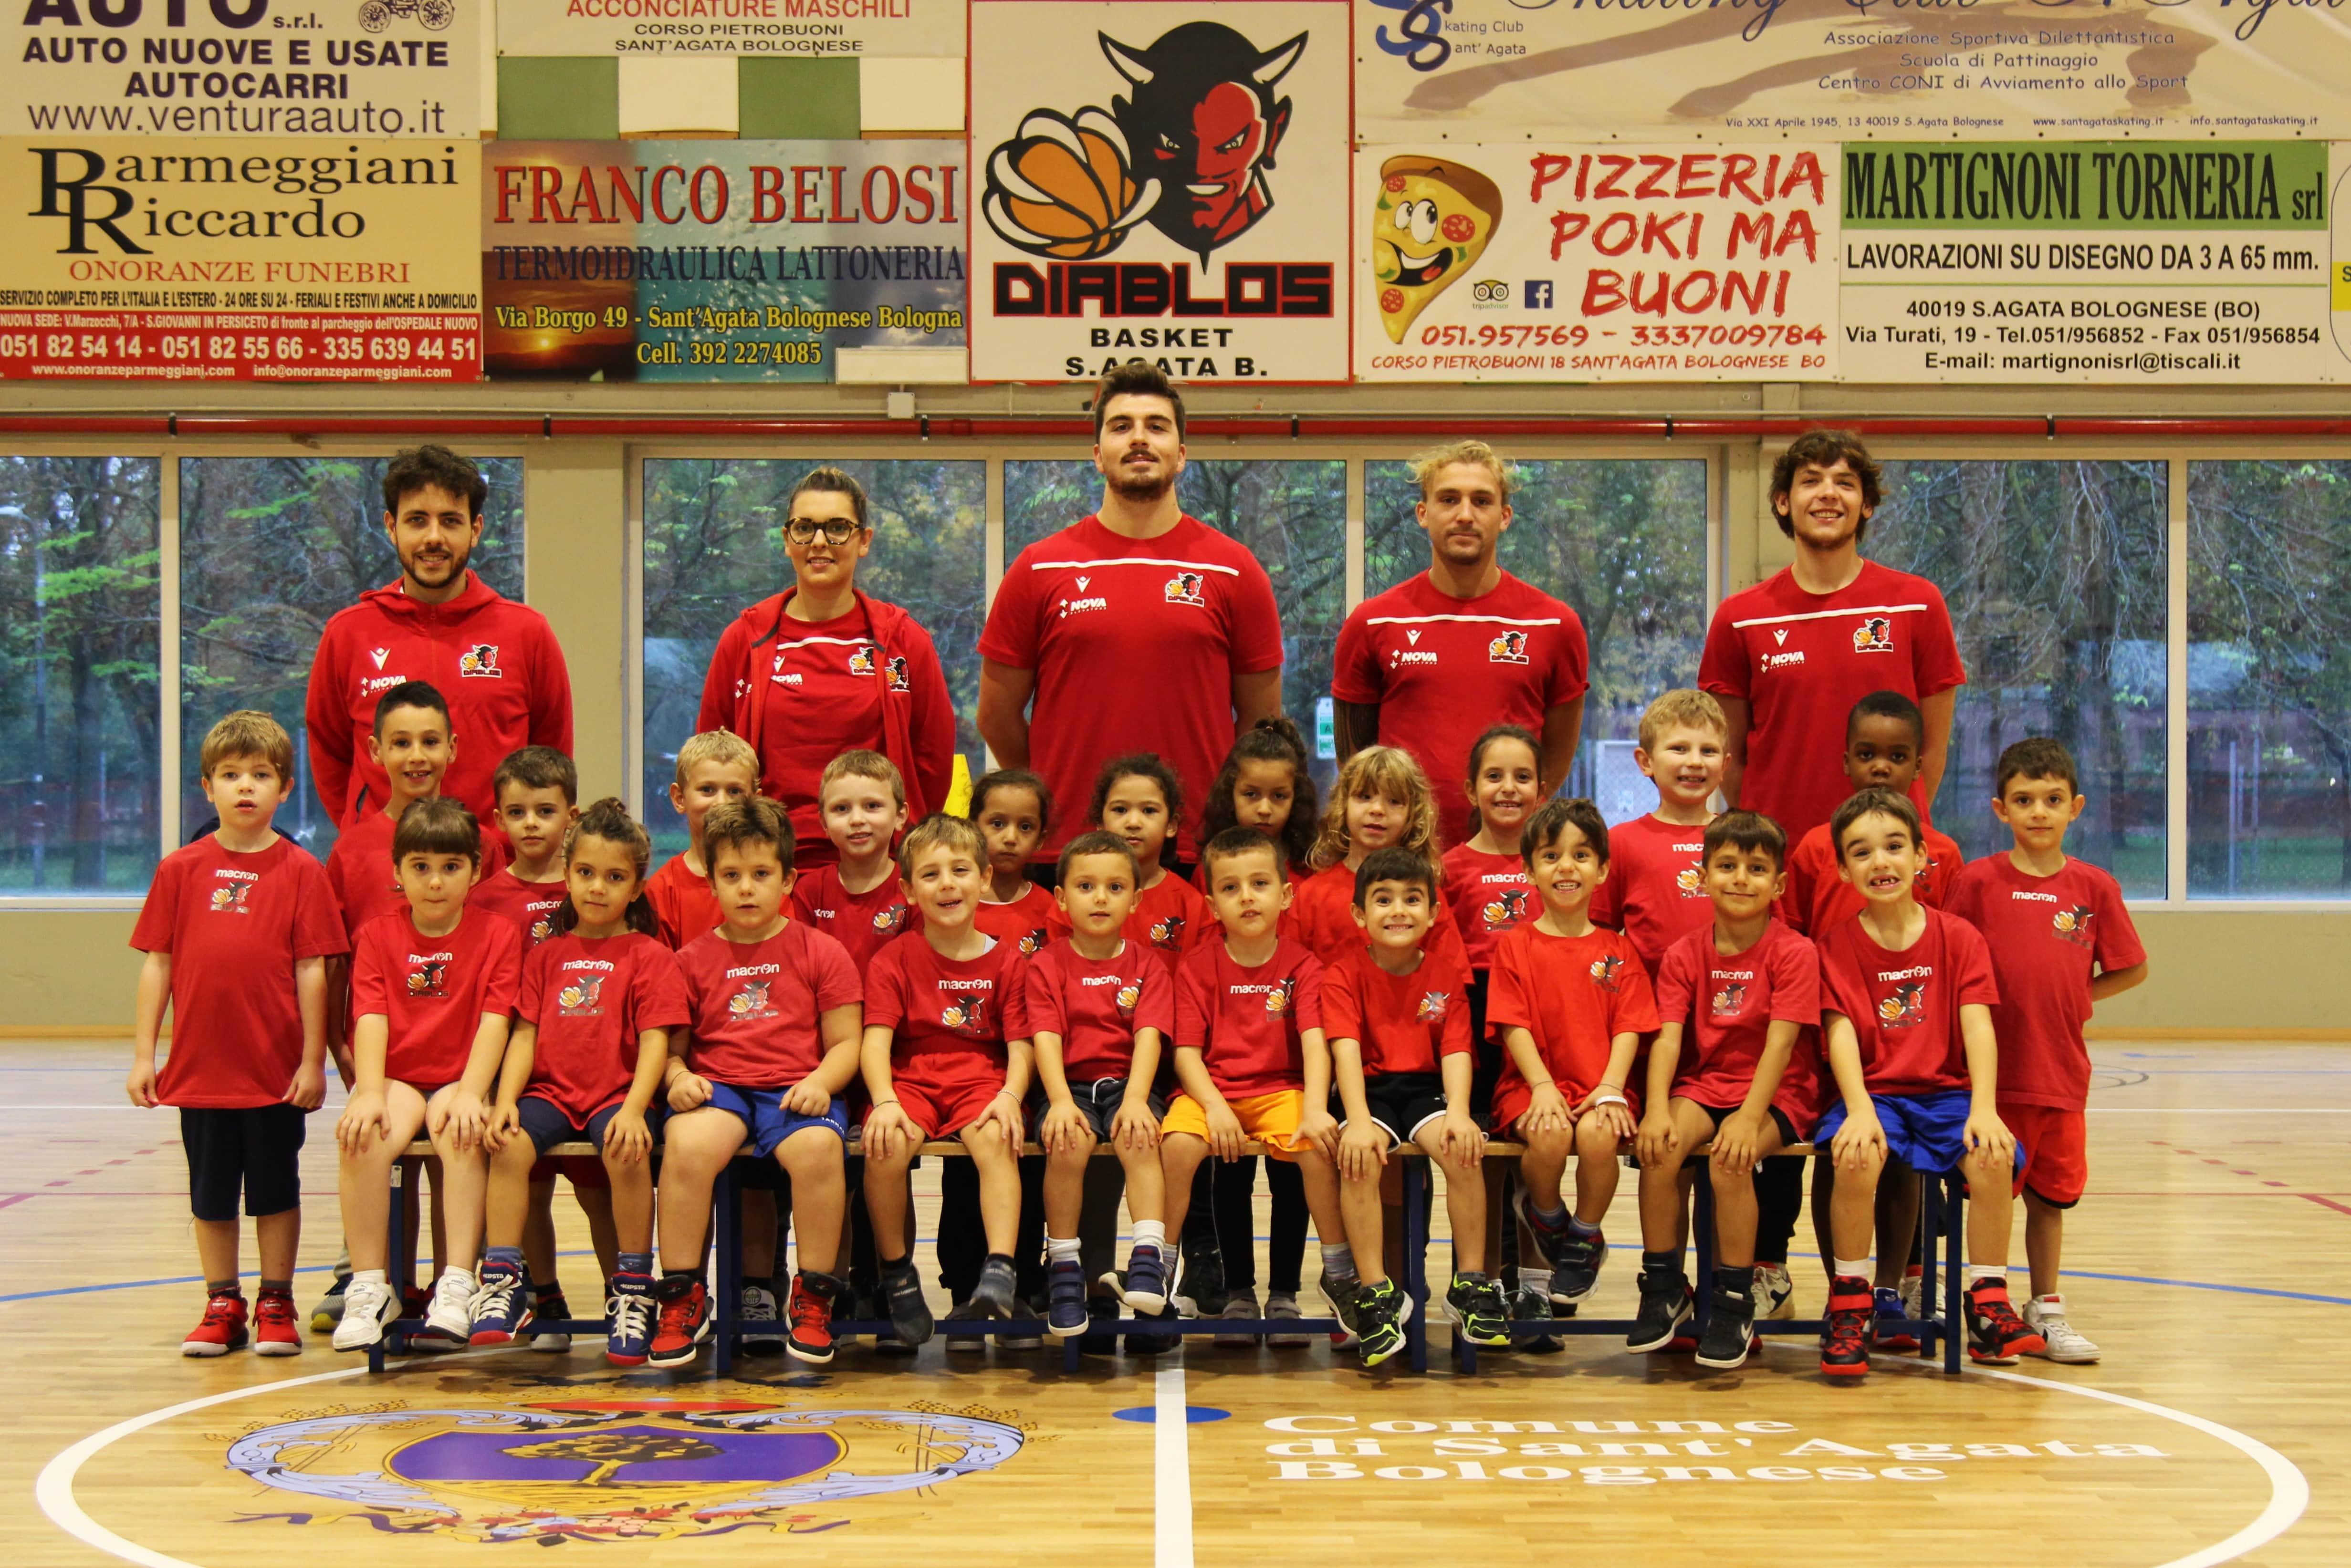 Pulcini 2013/2014